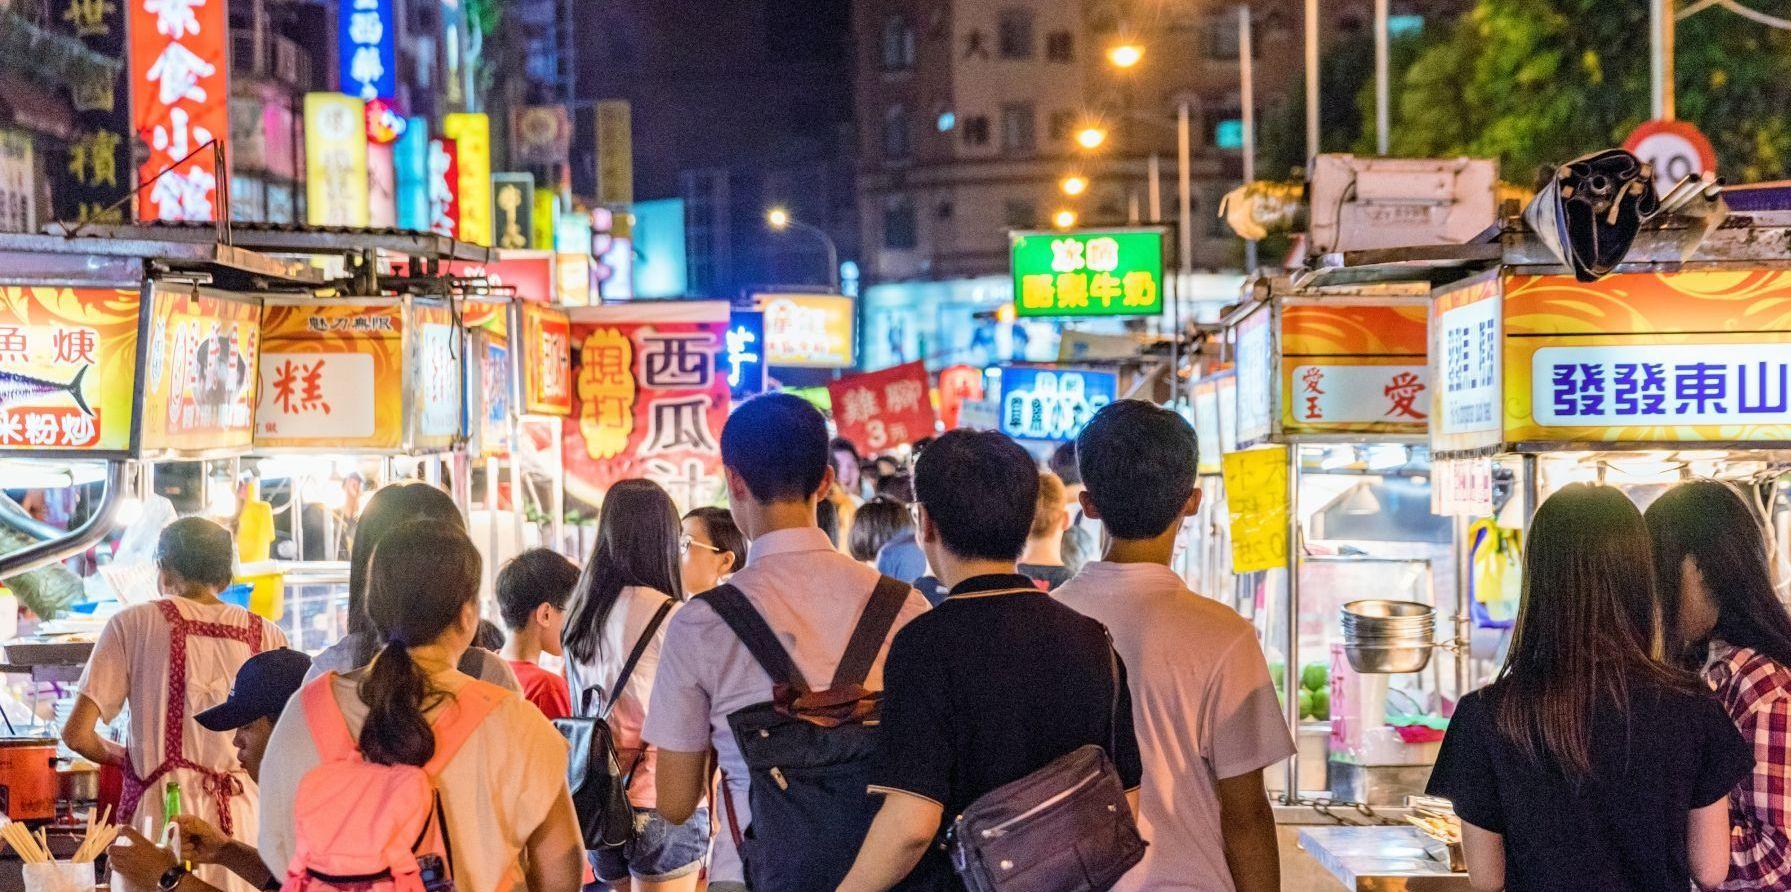 台灣夜市失去競爭力? 陸生:除了小吃攤就是賣淘寶貨